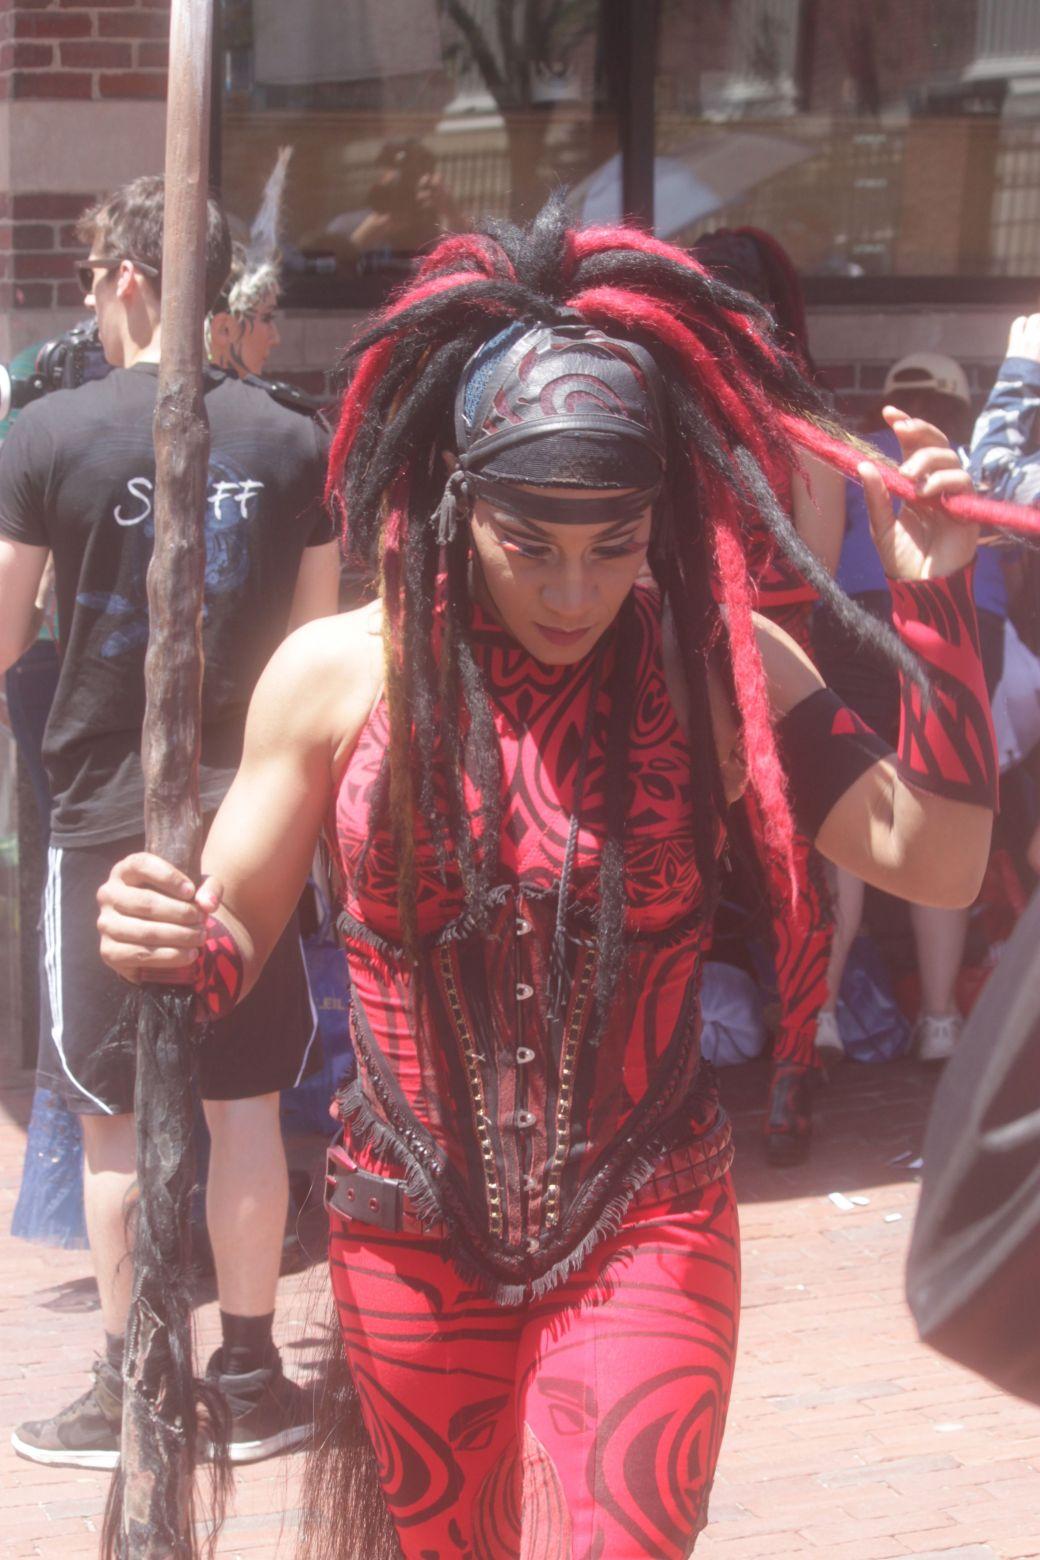 boston harvard square cirque du soleil performers 5